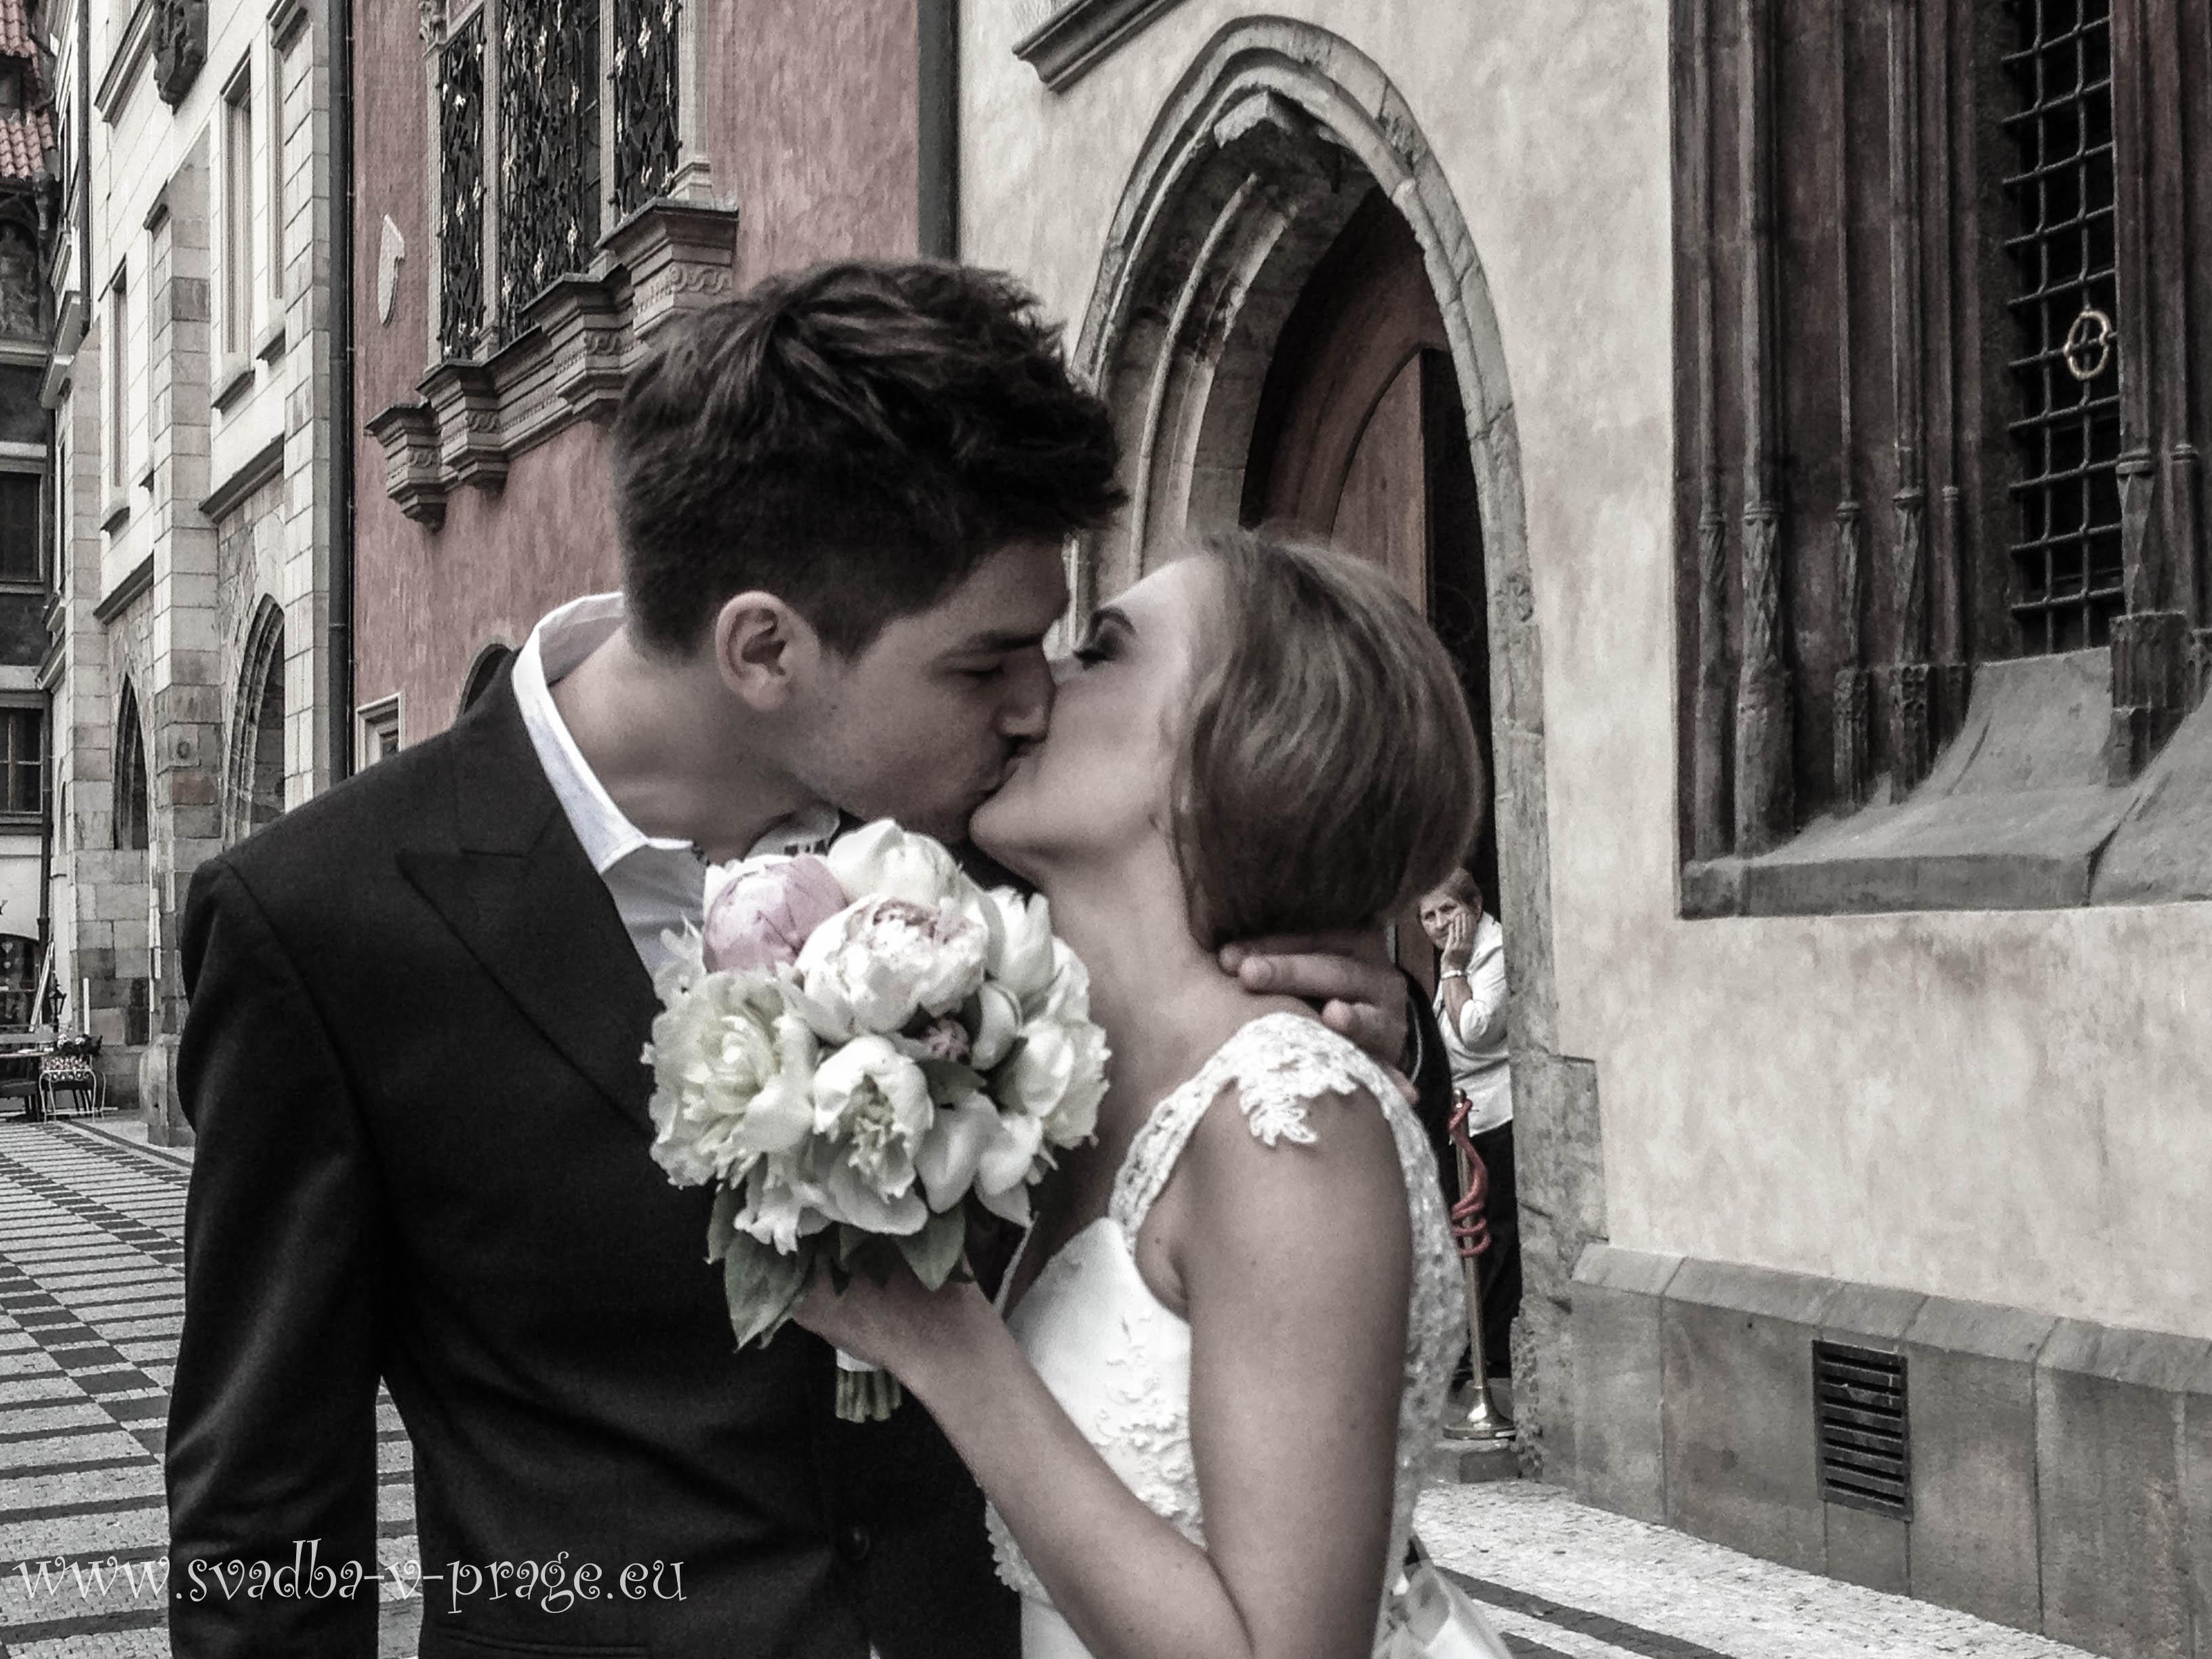 Свадьба Александра и Дарьи— 8.6.2013 в Староместской ратуше Праги - фото Свадьба в Праге